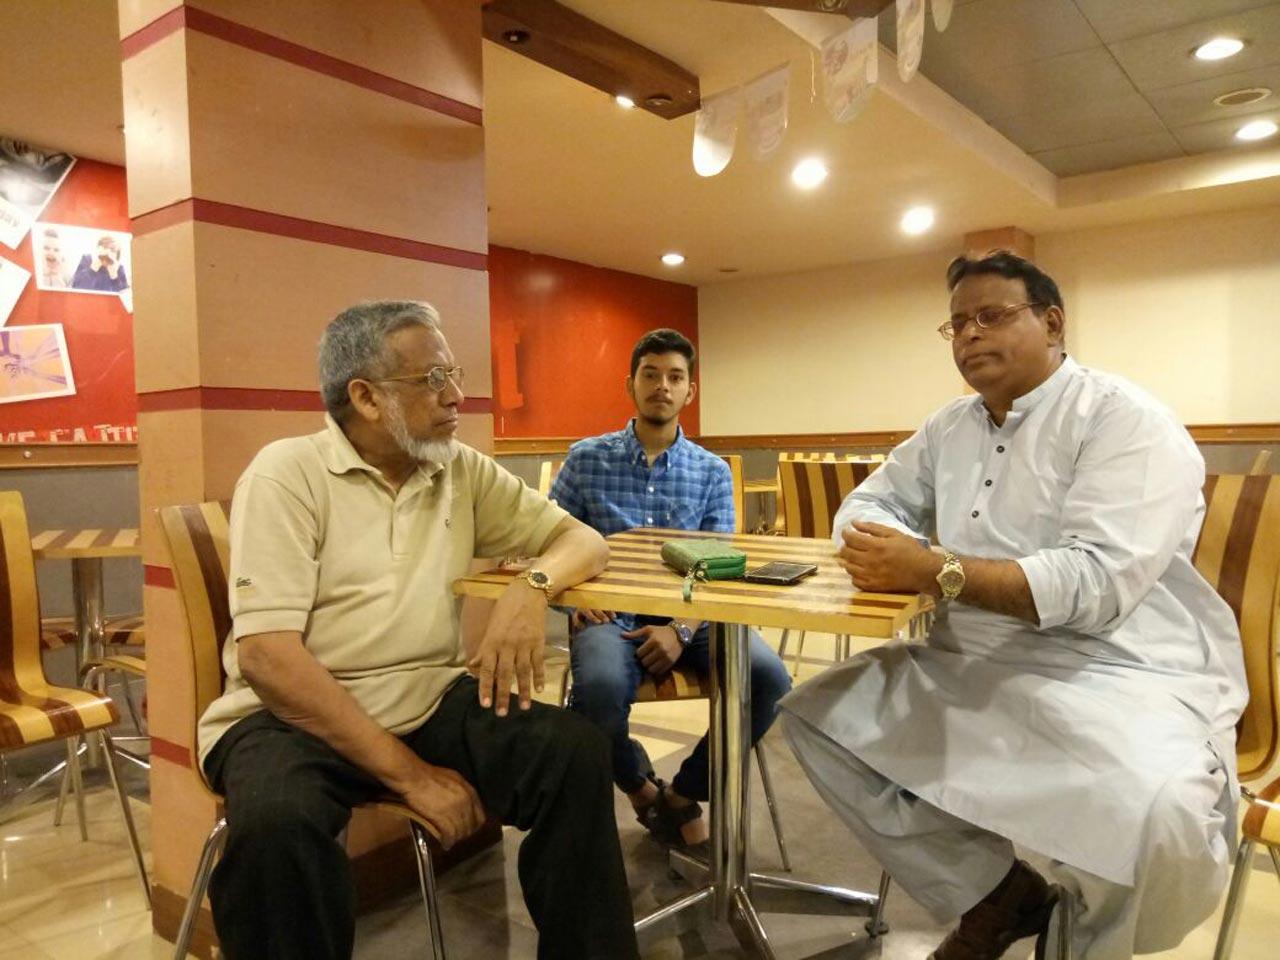 Engr. Iqbal Ahmed Khan, Obaid Ur Rehman, Dr. Ata Ur Rehman